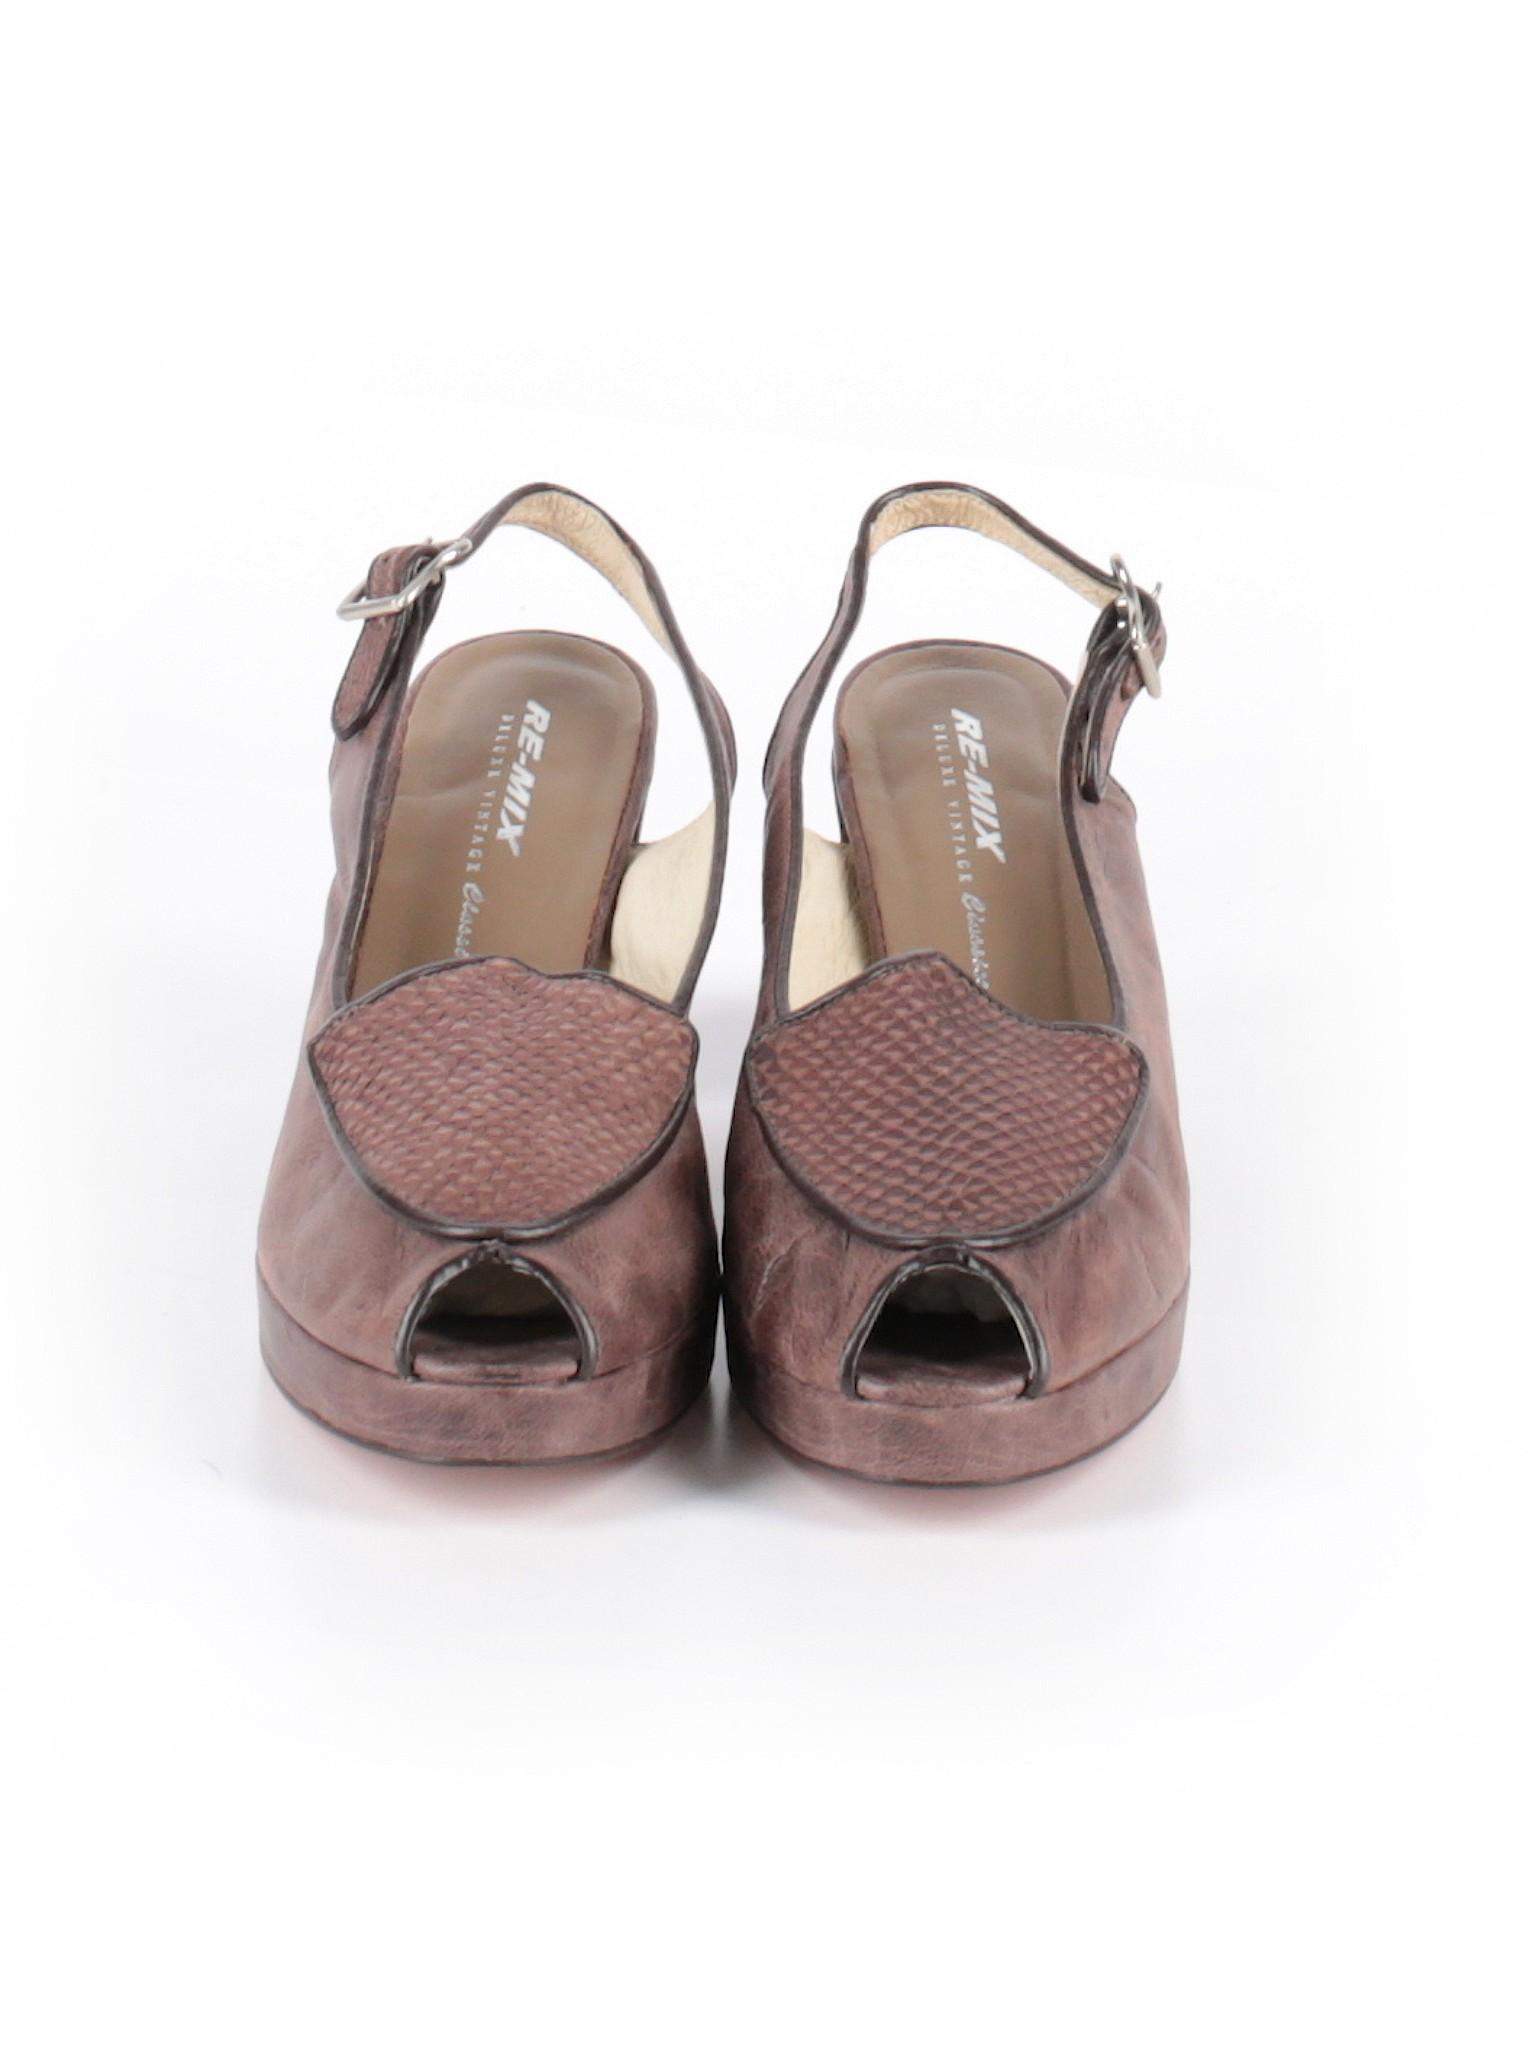 promotion MIX Boutique Vintage Heels Classics RE Deluxe HdanqnWOTp